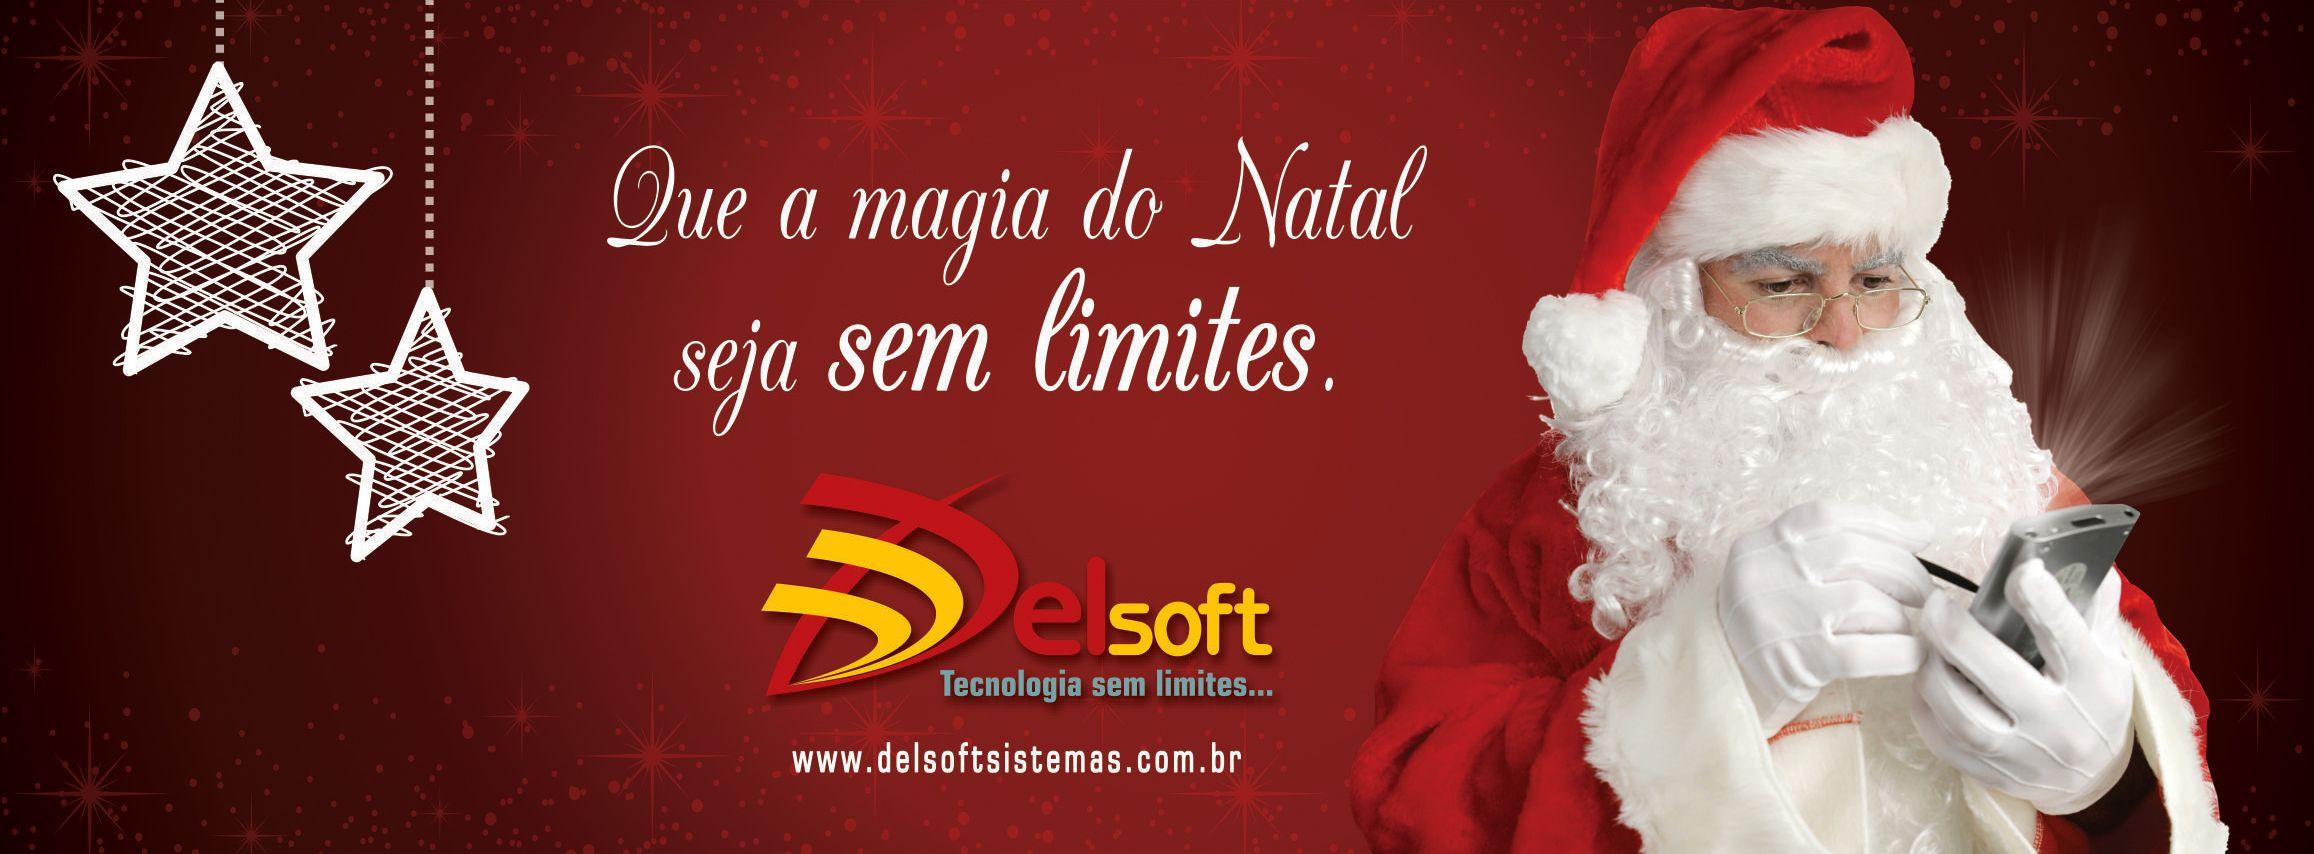 Imagem alusiva ao natal do ano de 2012 da empresa Delsoft Sistemas.    www.delsoftsistemas.com.br    Delsoft Sistemas - Tecnologia sem limites...